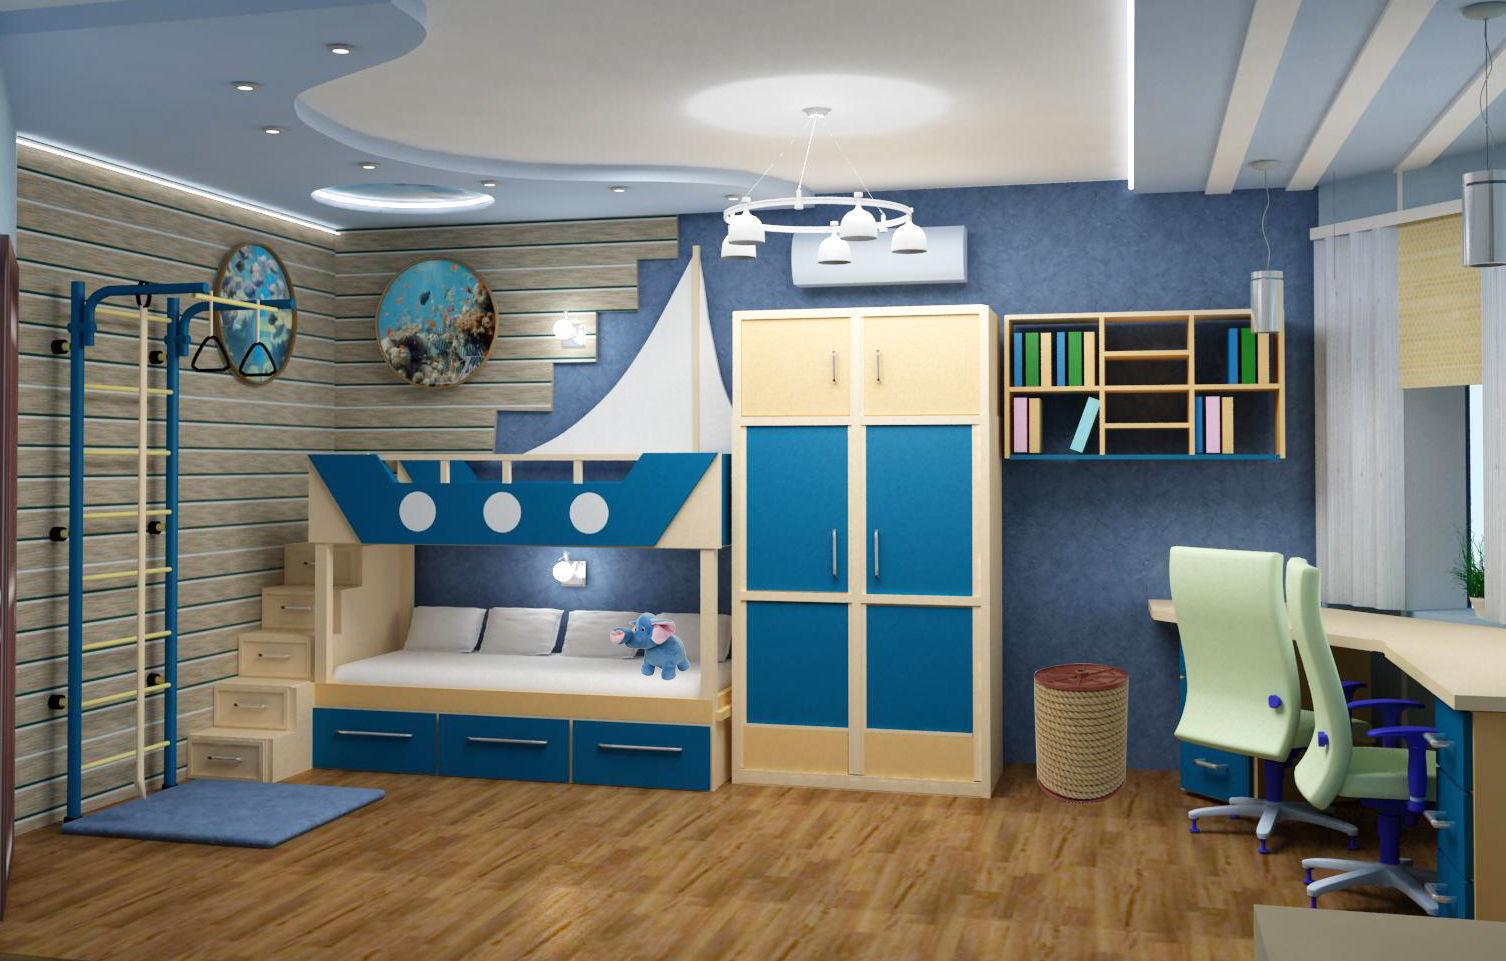 Дизайн детской комнаты - основные аспекты